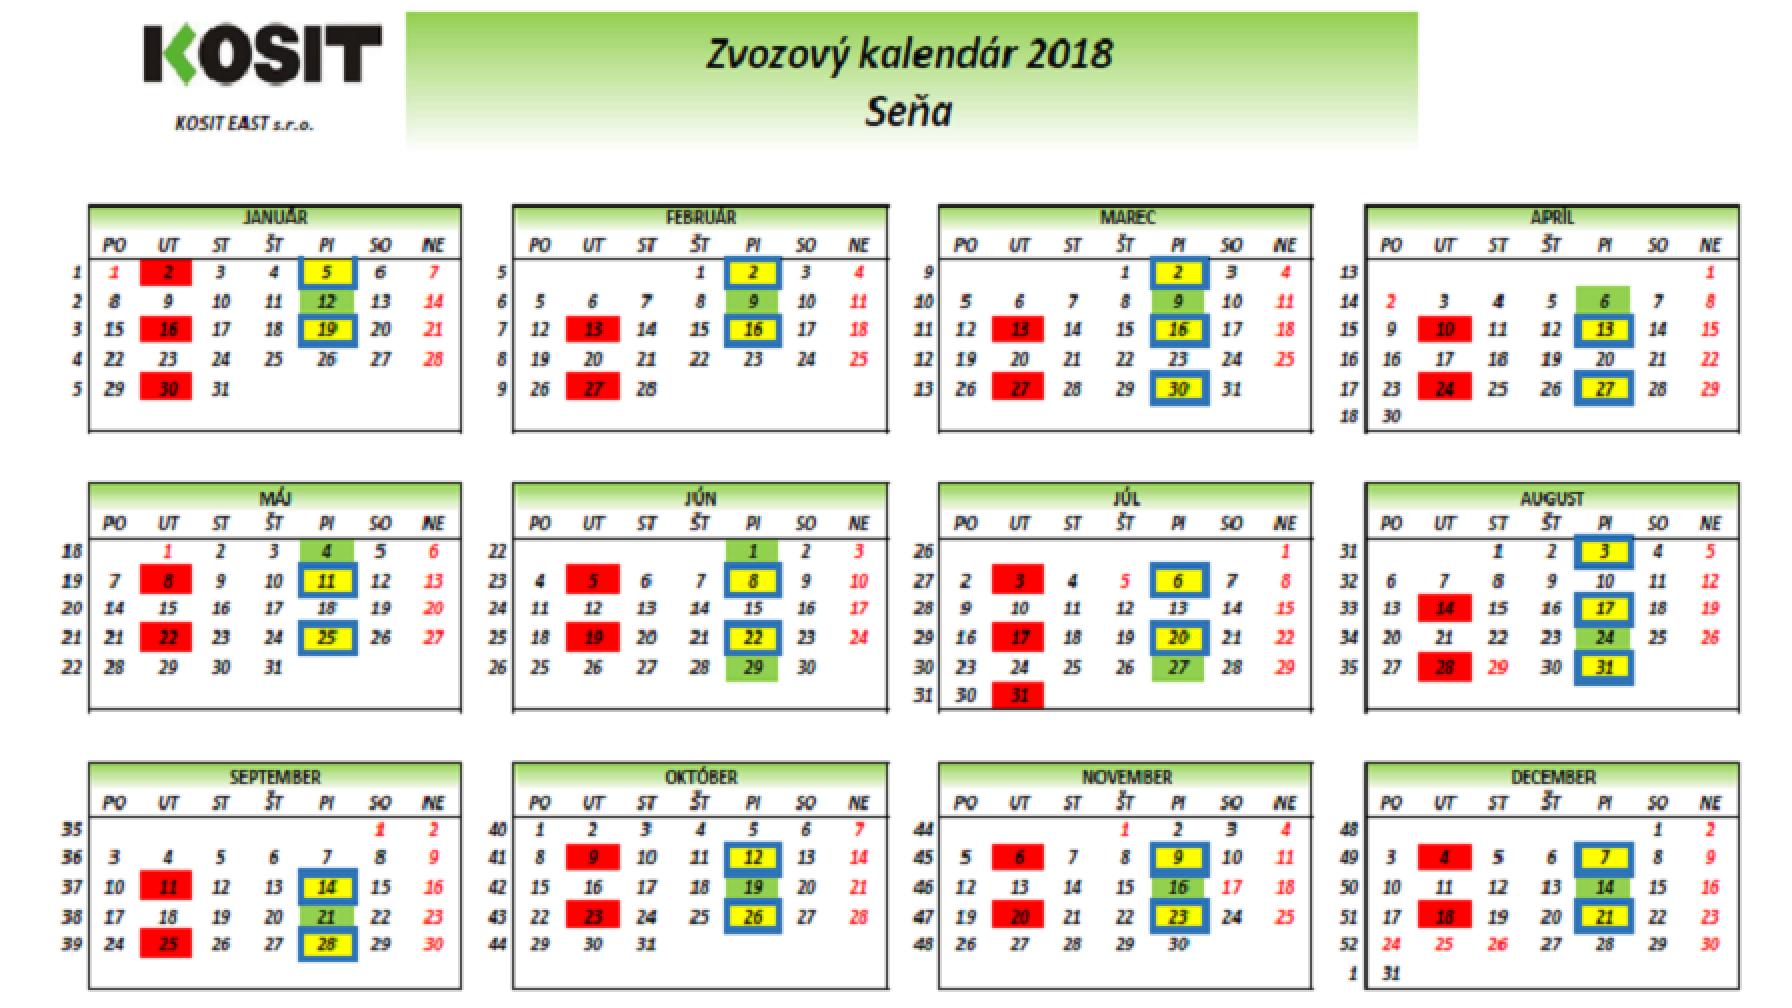 Zvozový kalendár na rok 2018